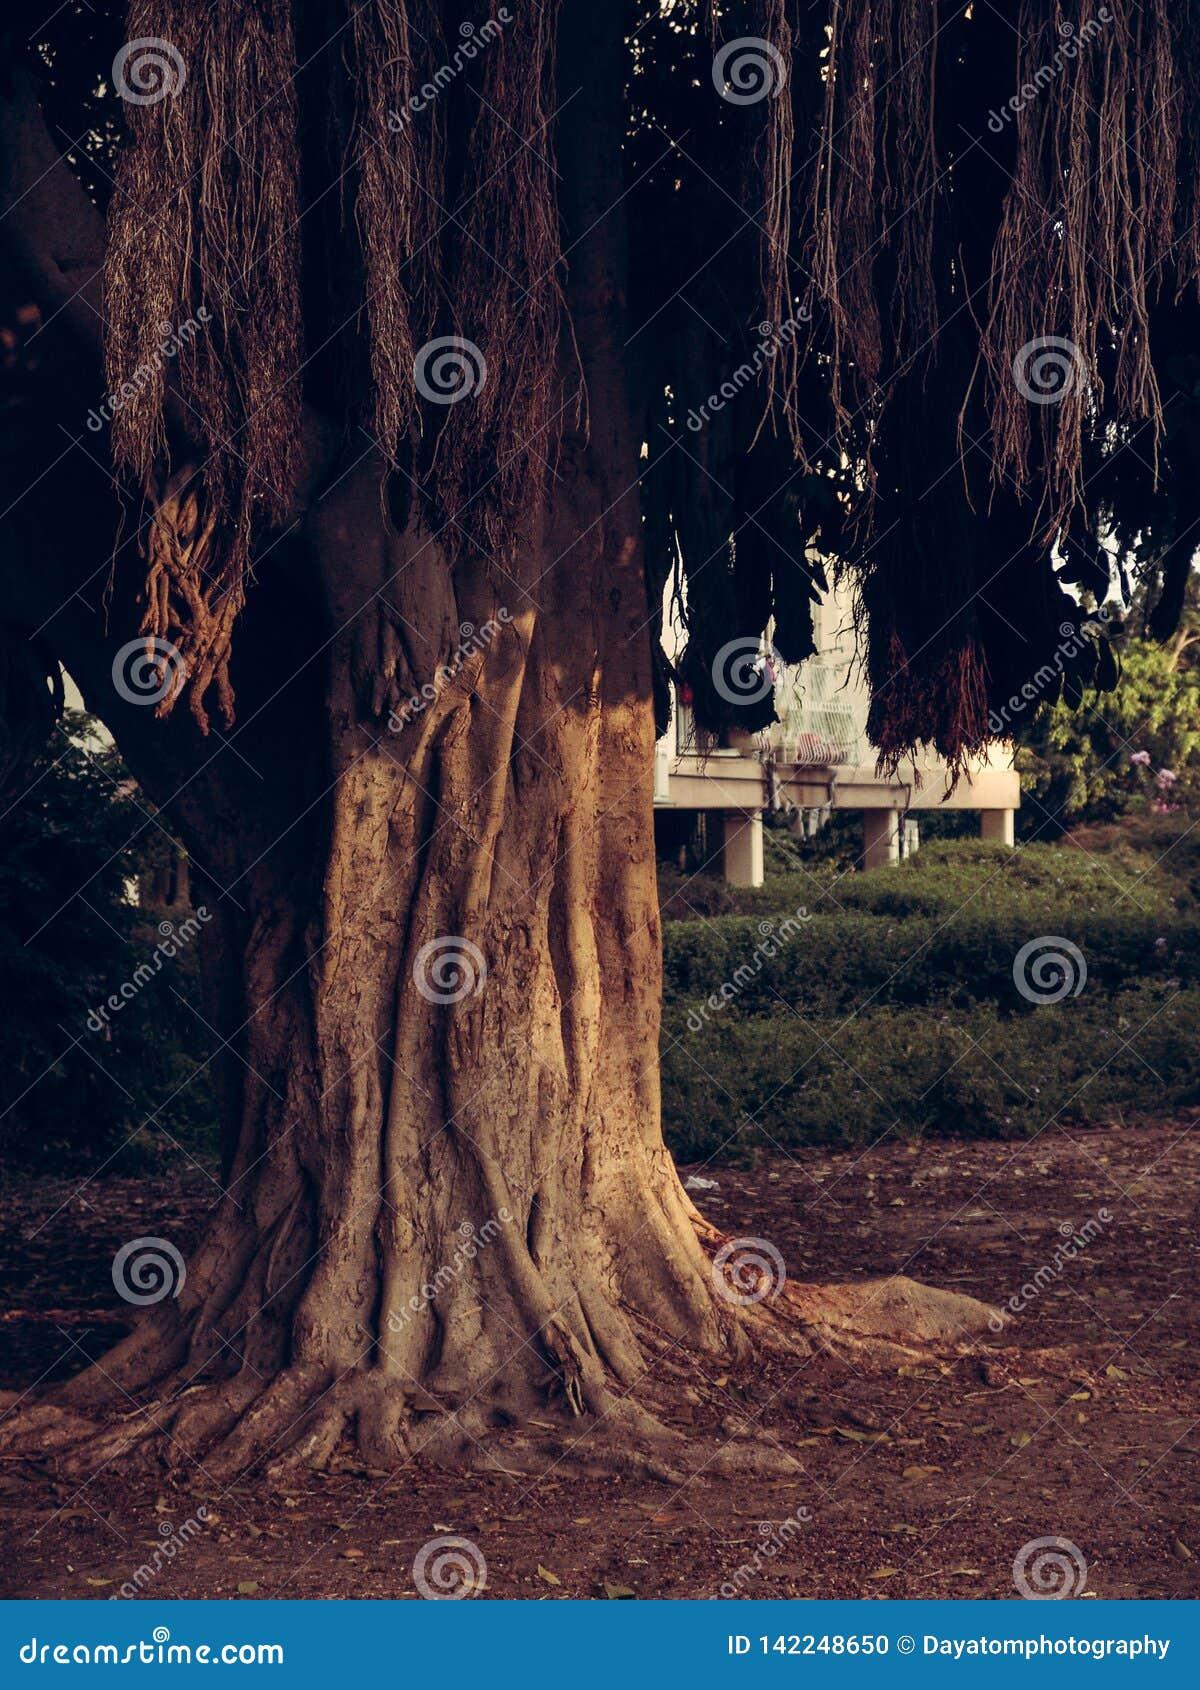 Grand arbre exotique avec les branches brunes en baisse et les grandes racines au-dessus de la terre en parc de ville avec un bât